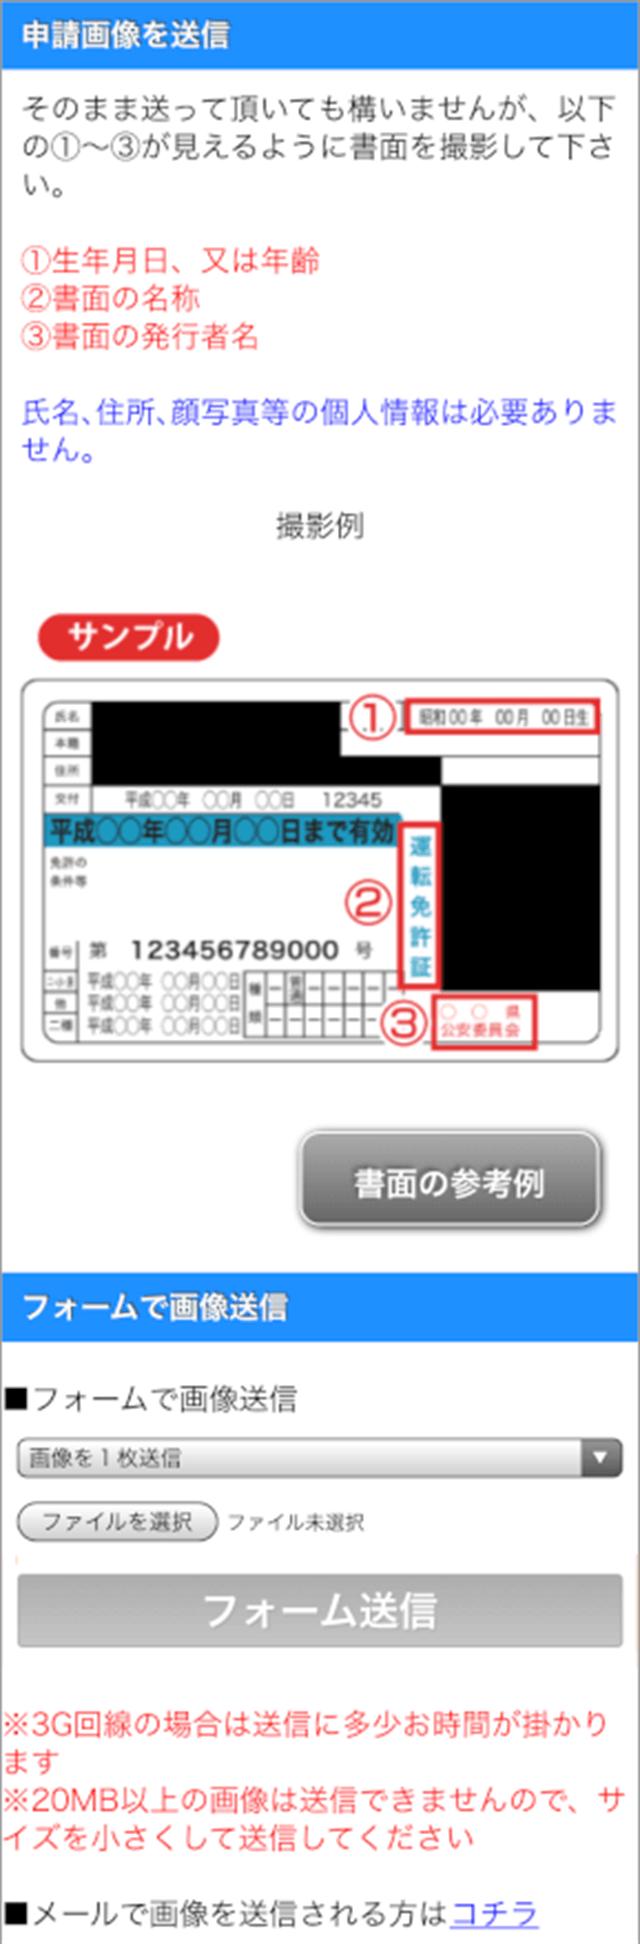 ハッピーメール年齢確認画像送信